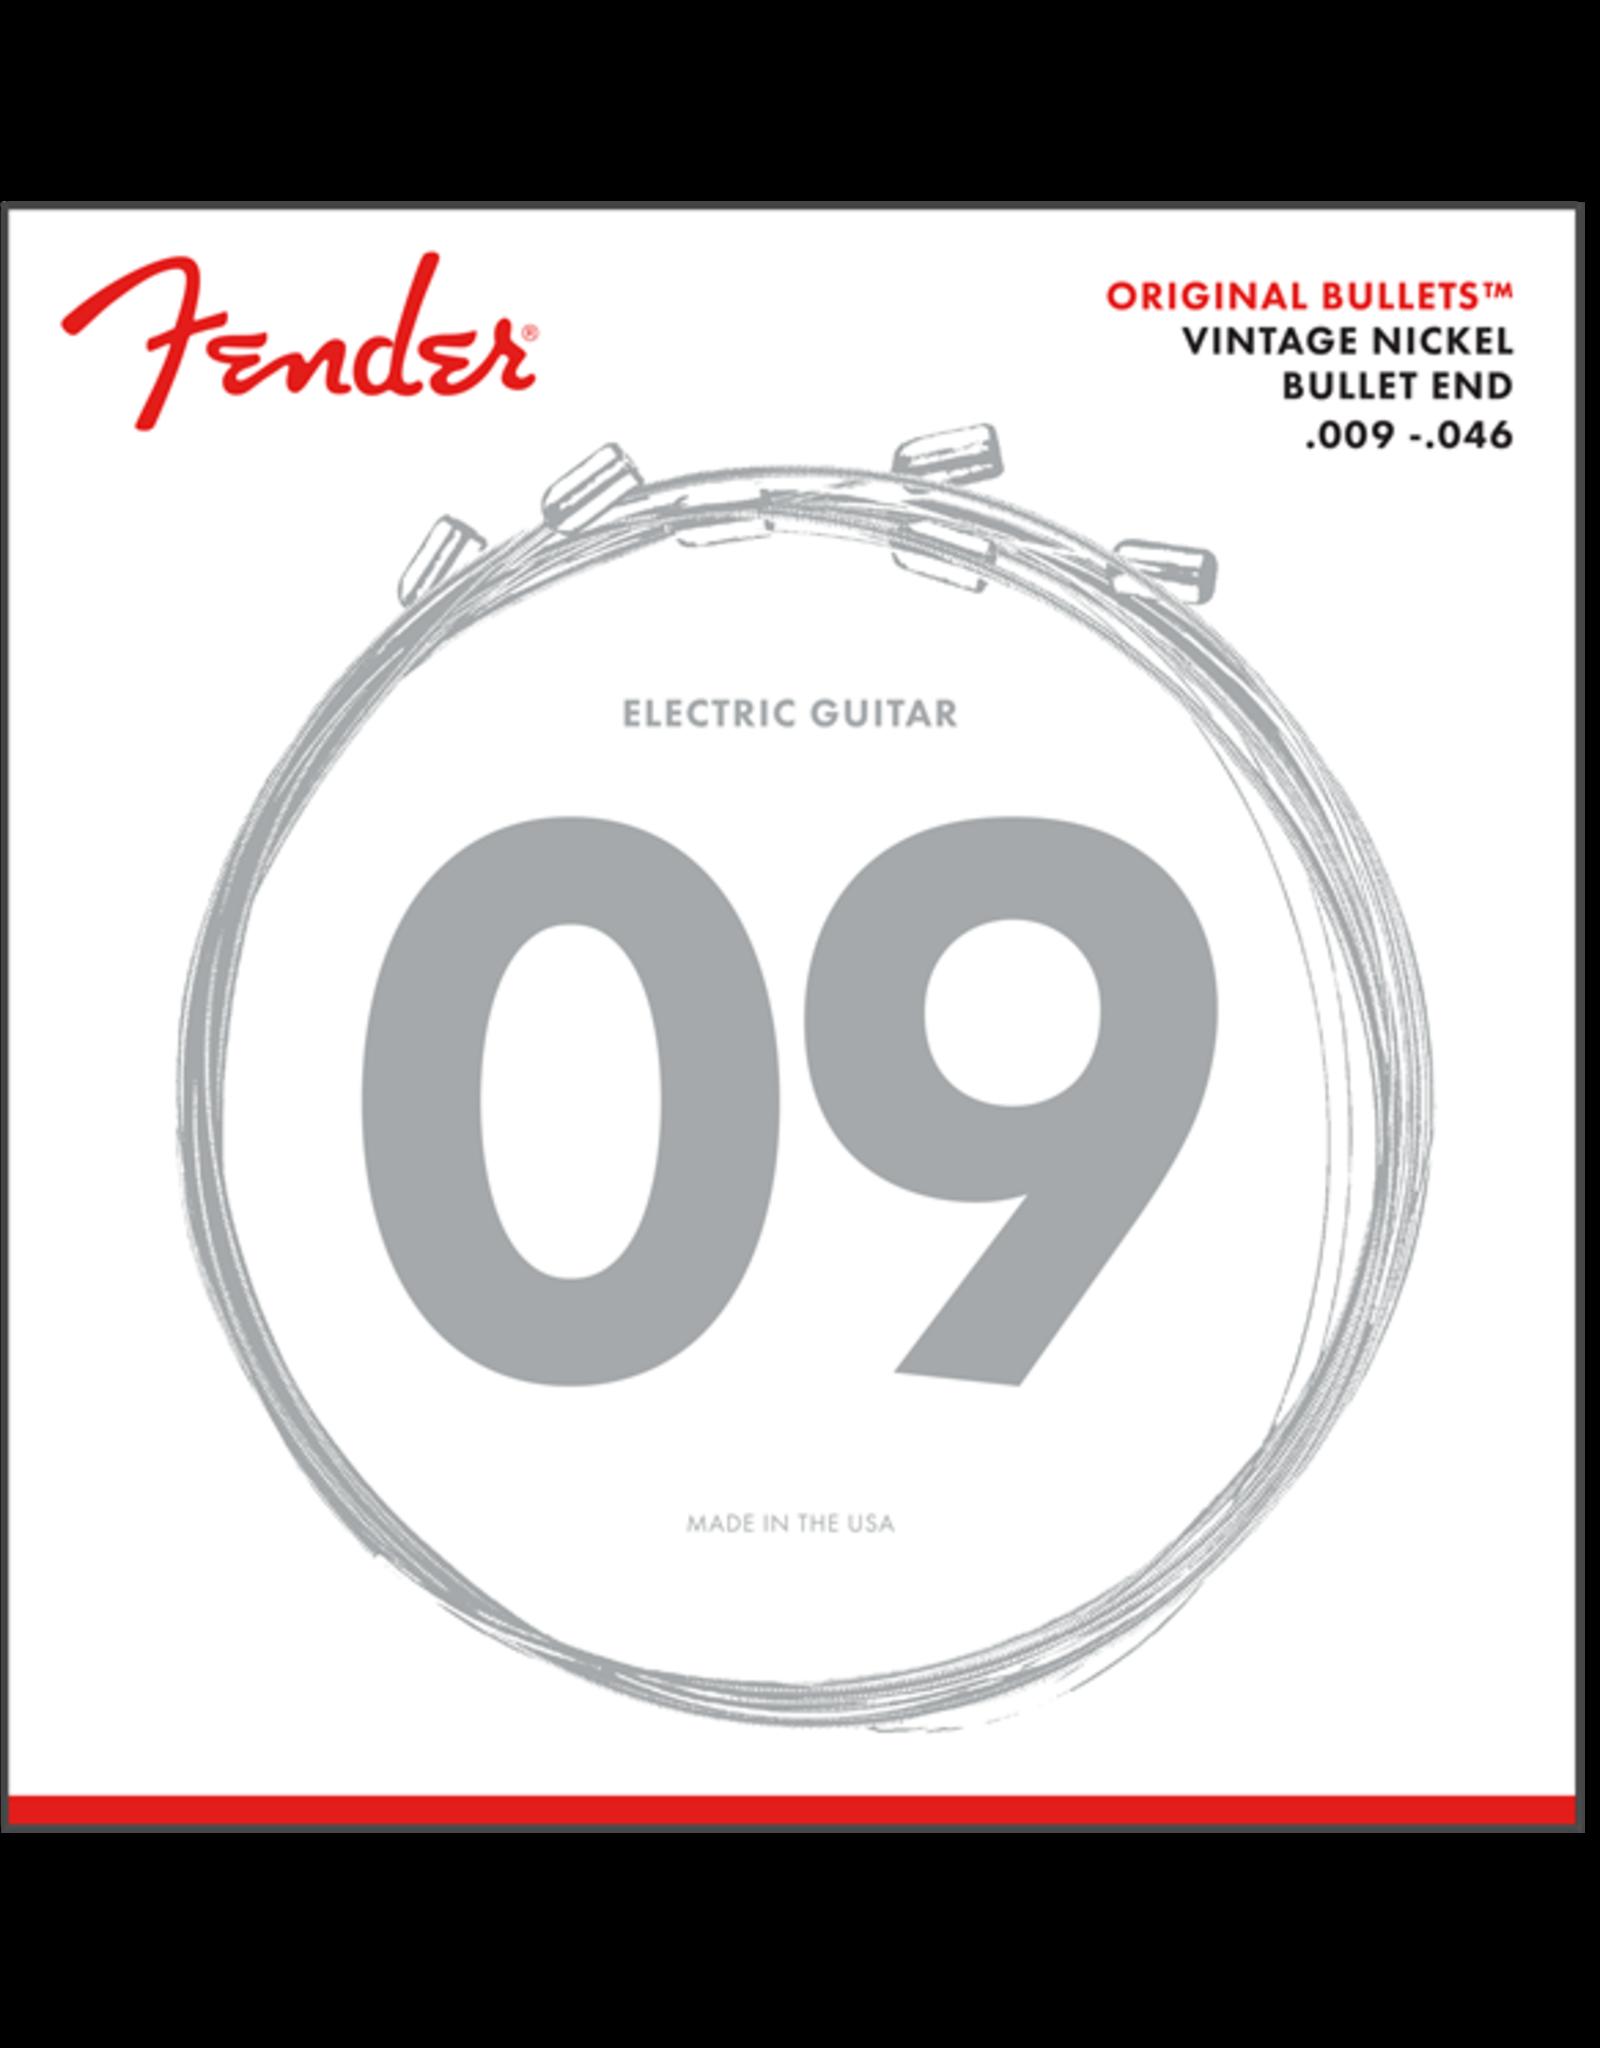 Fender Fender 3150LR Original Bullets 9-46